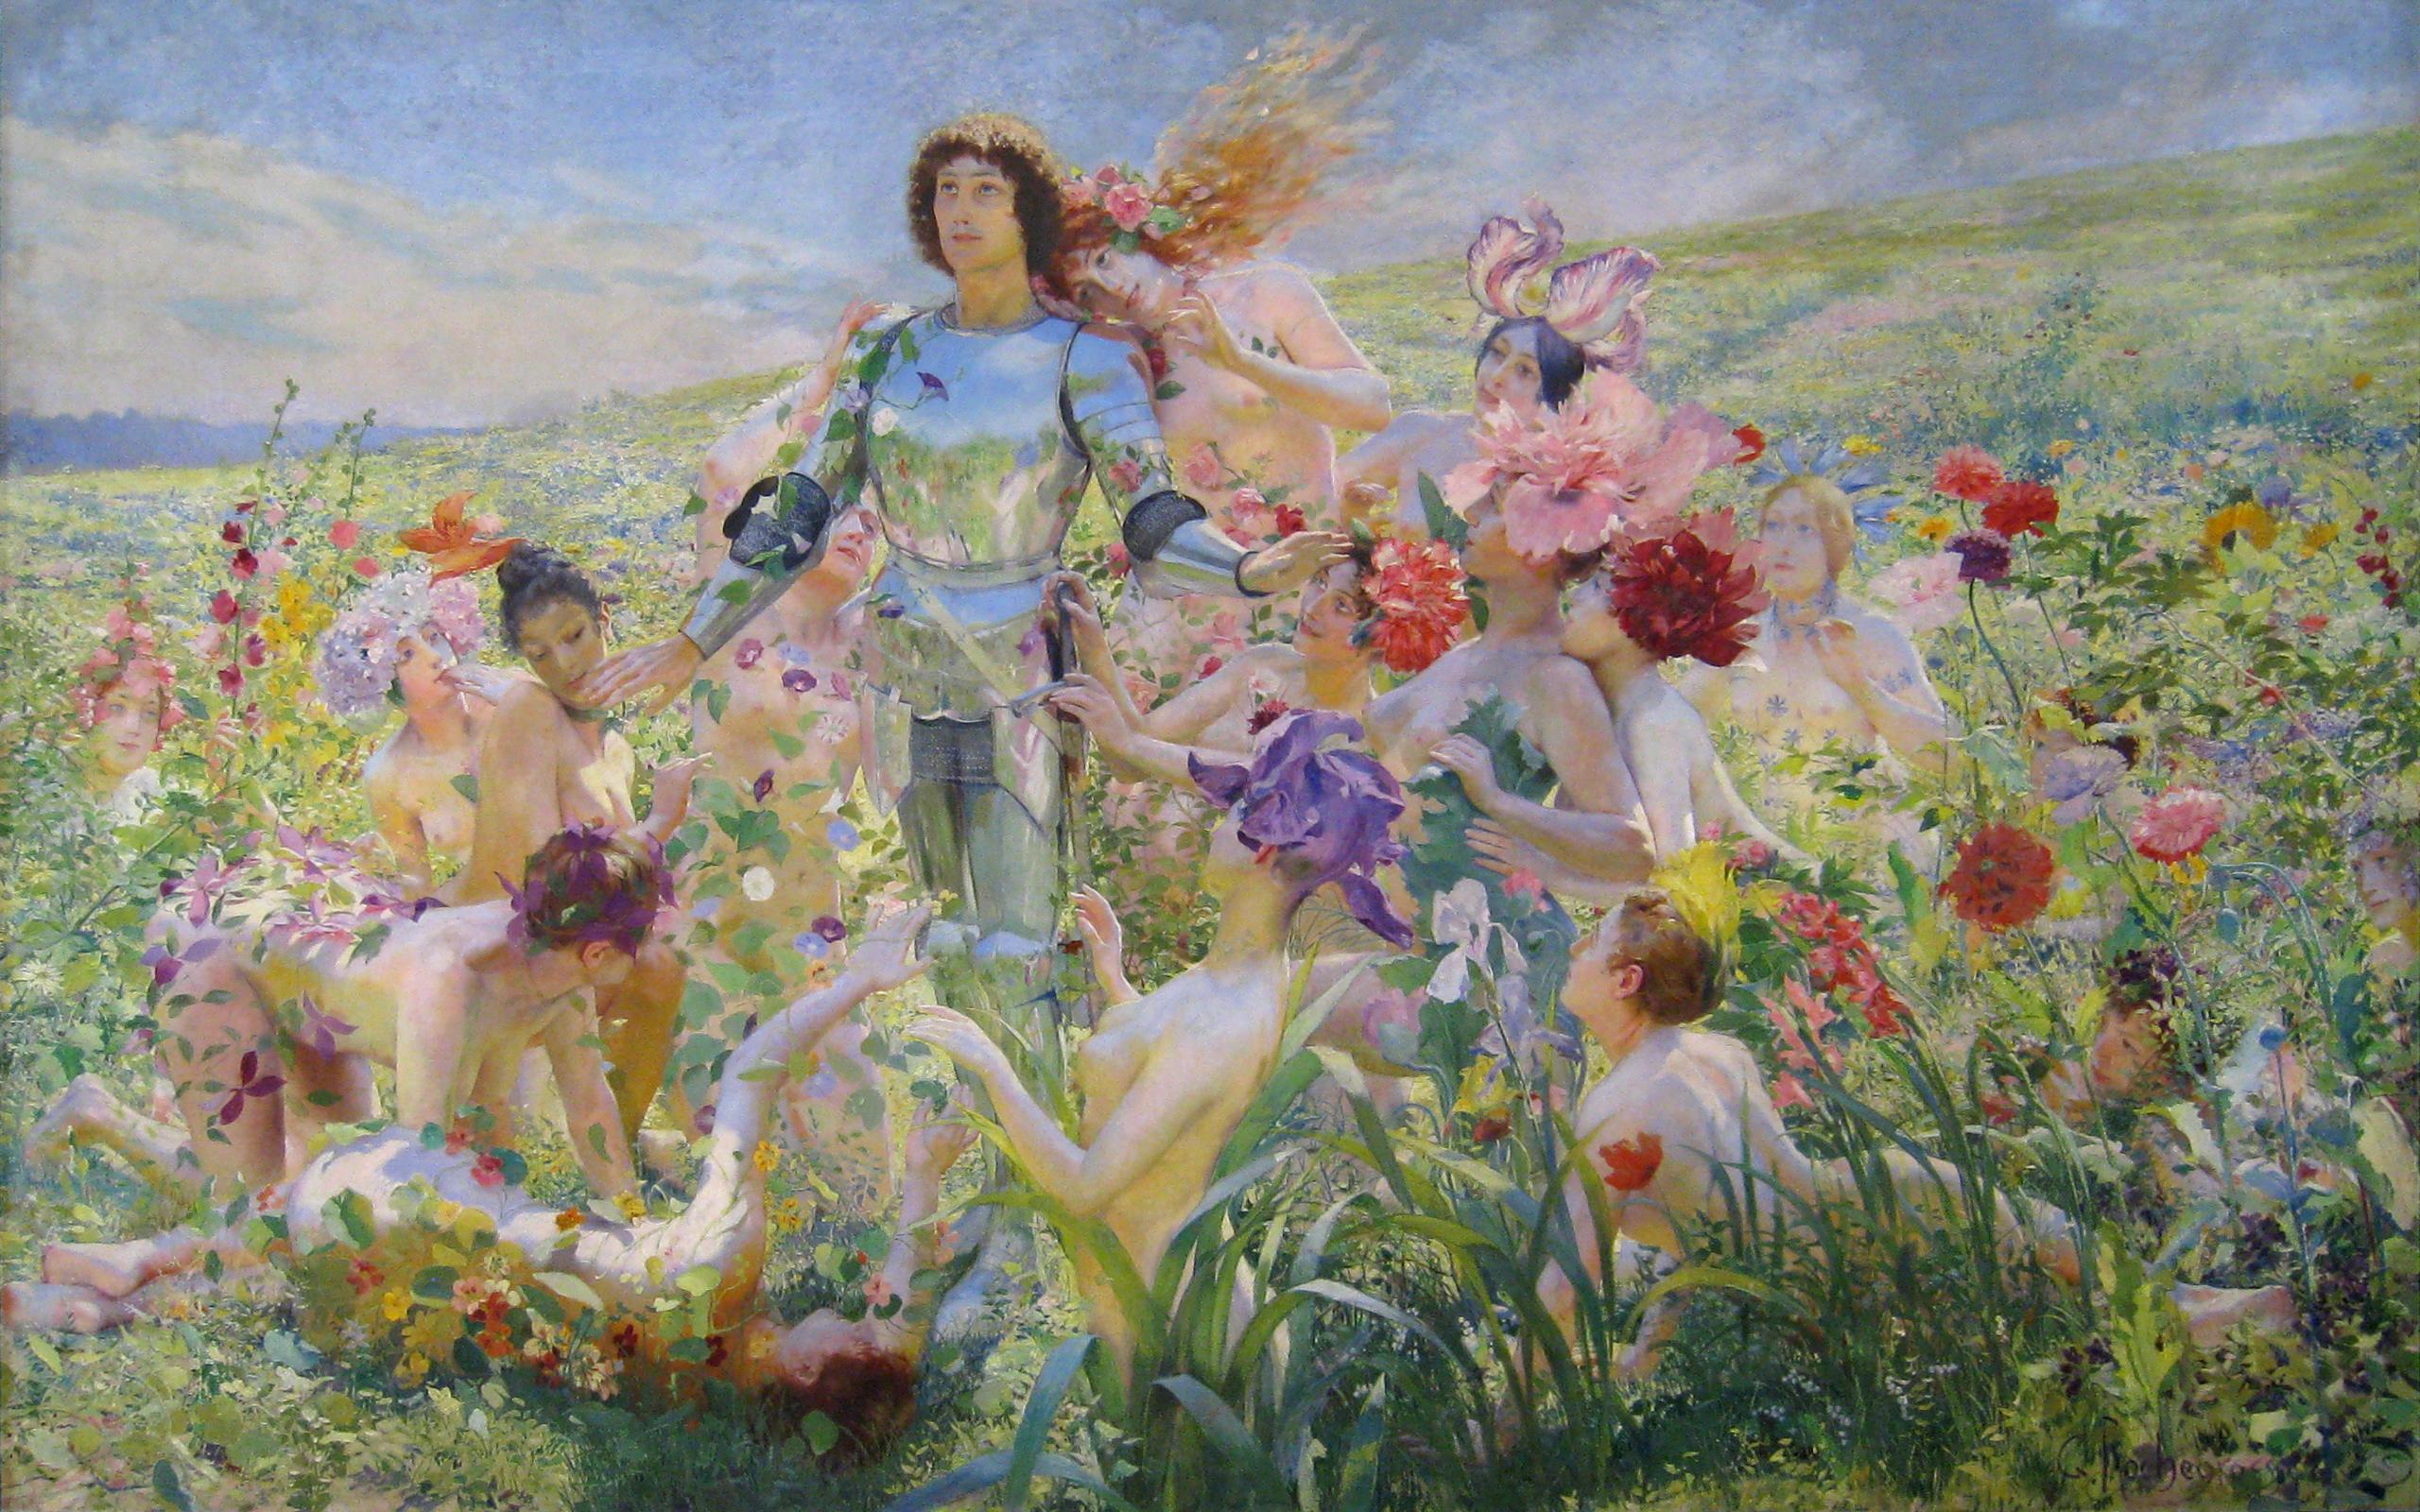 Le Chevalier aux Fleurs, Georges Antoine Rochegrosse [public domain]